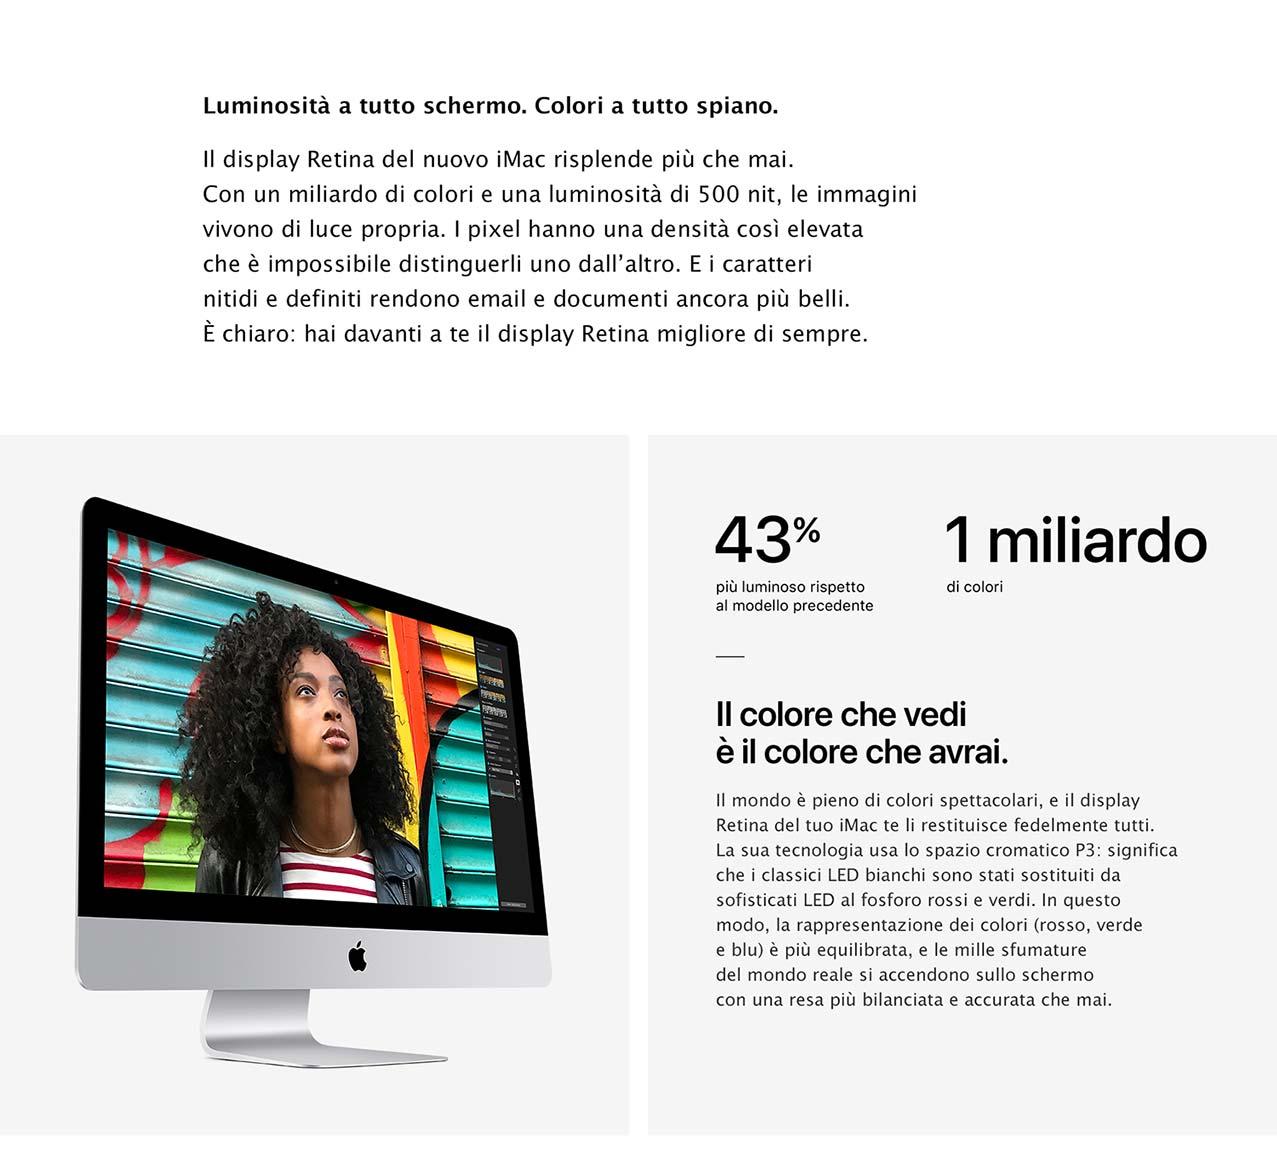 iMac luminosità schermo